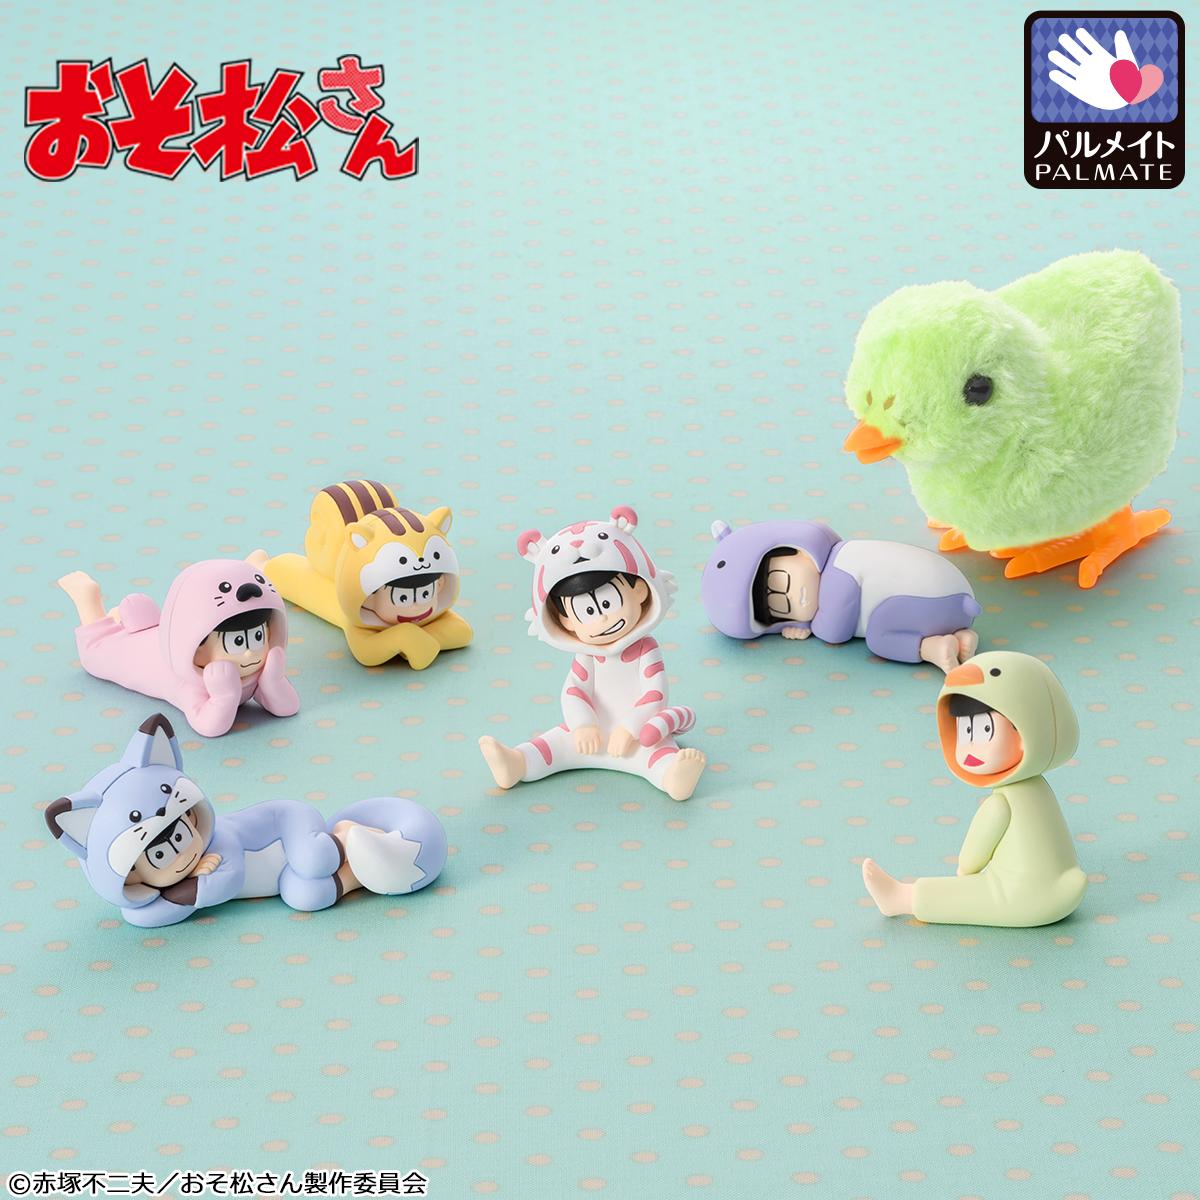 『おそ松さん』動物パジャマ姿の六つ子をてのひらサイズで立体化!!